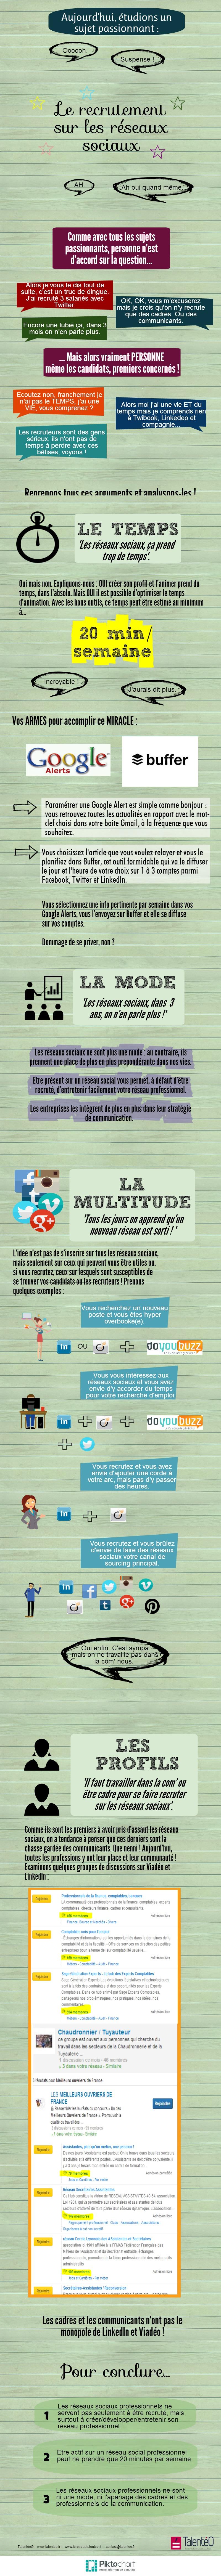 Infographie recrutement et réseaux sociaux